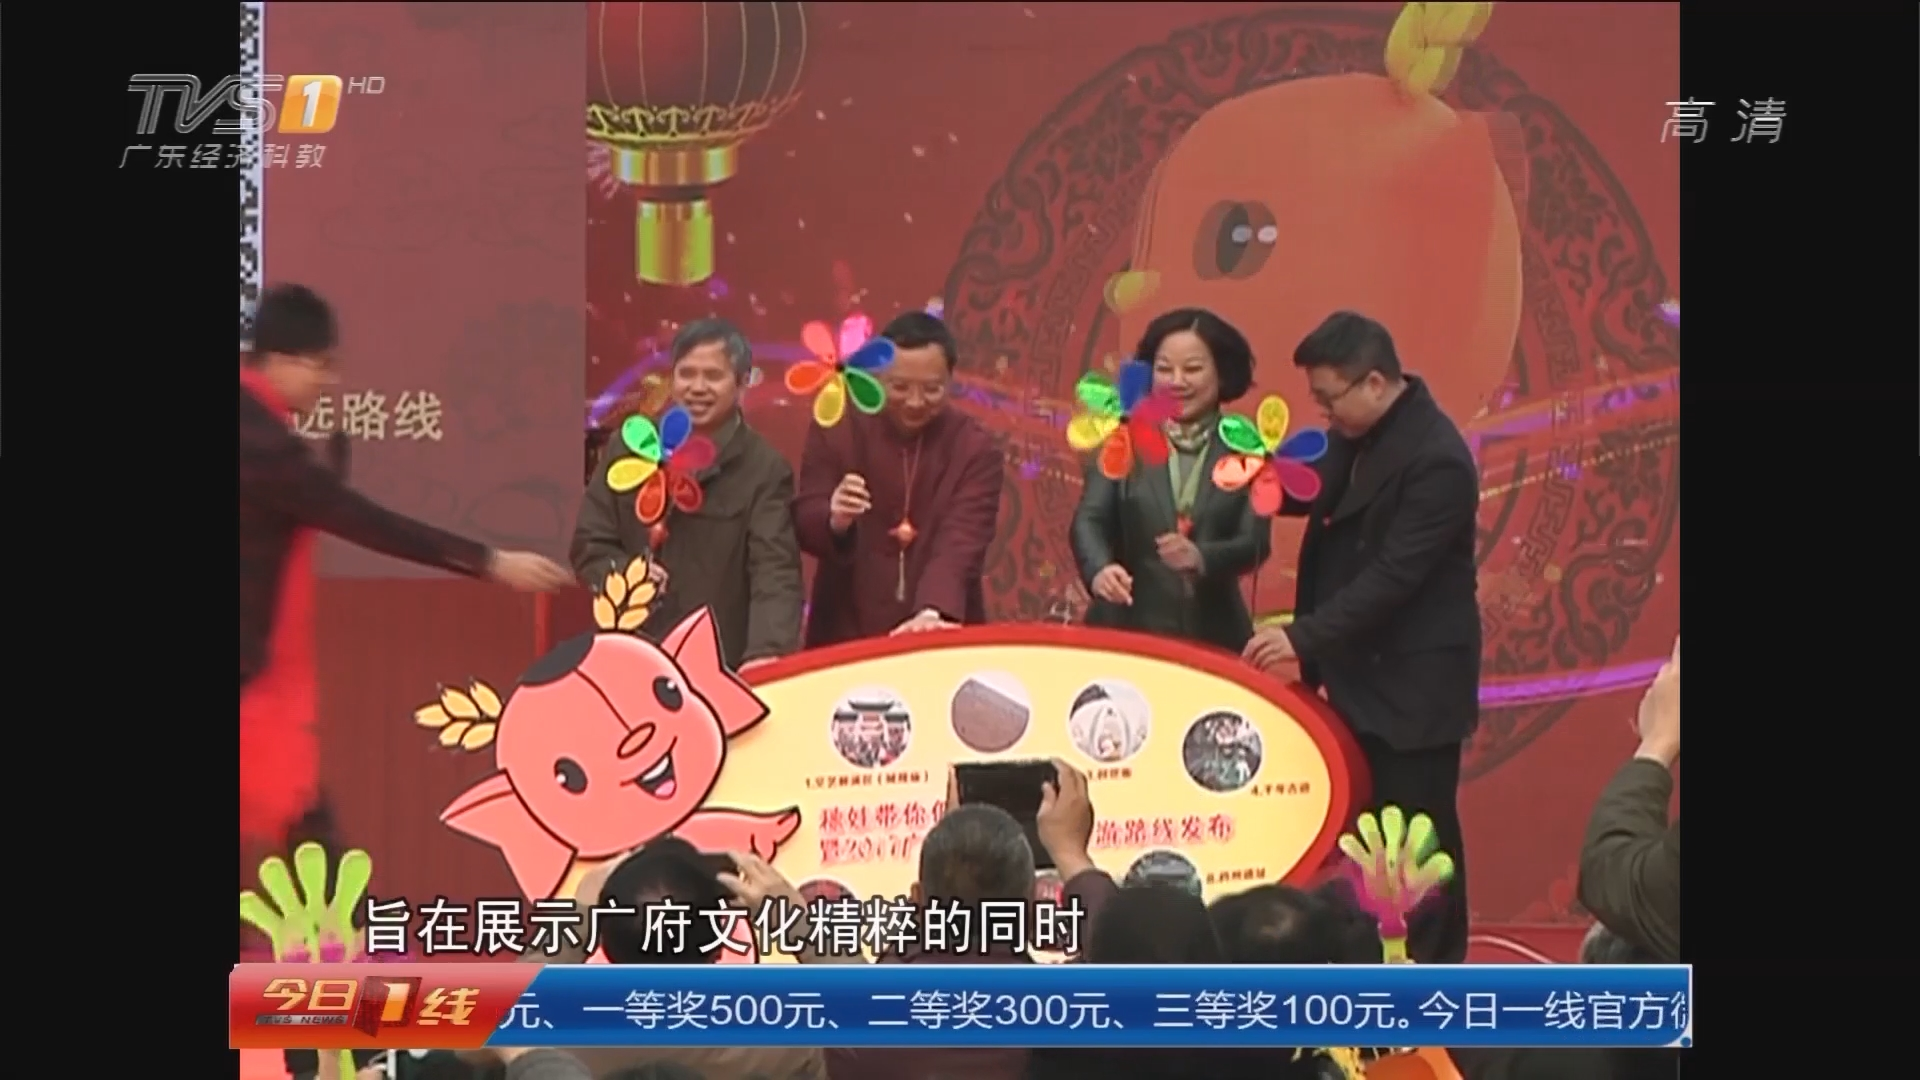 """欢天喜地闹元宵:广州 广府庙会开幕 """"创与融""""打造新潮庙会"""